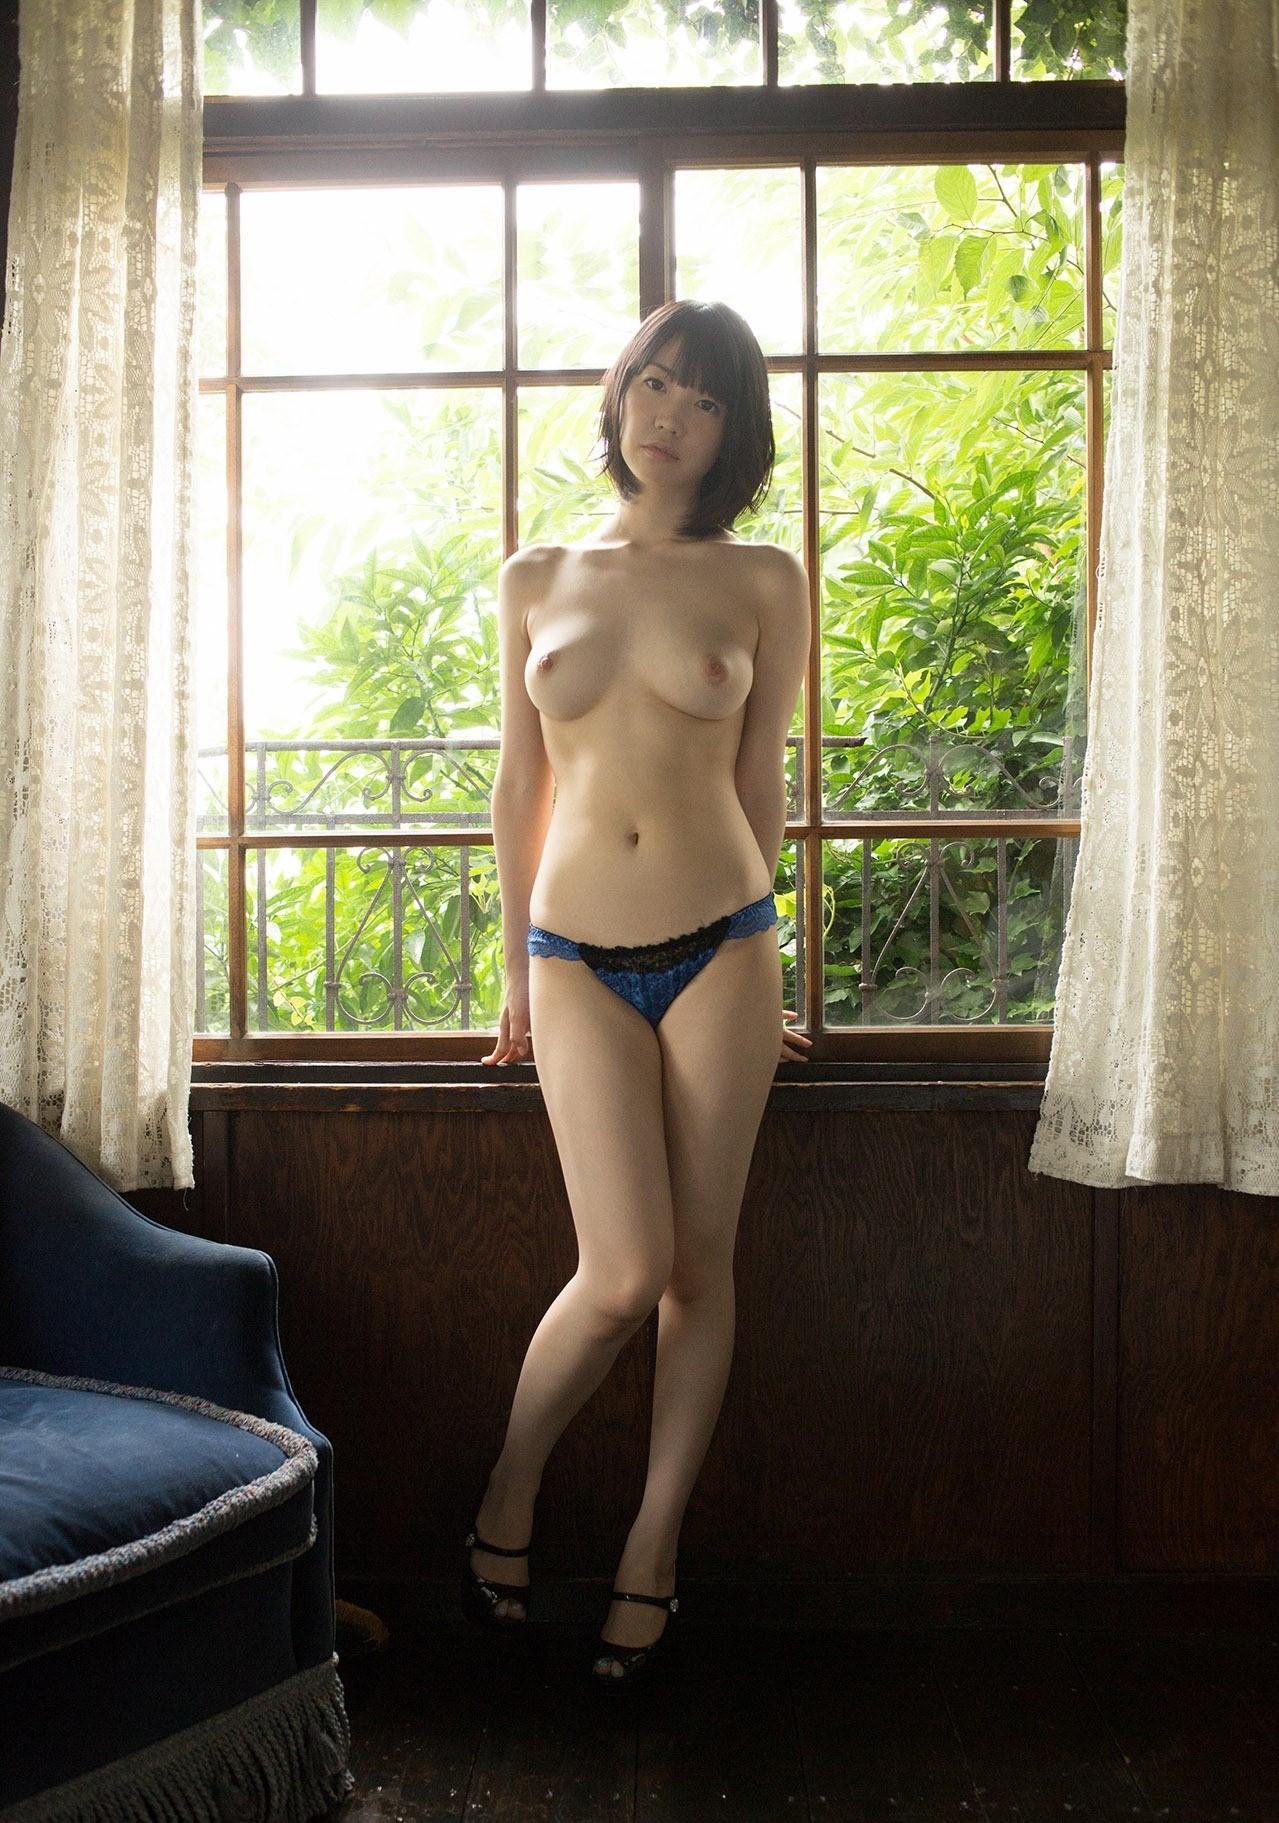 三次元 3次元 エロ画像 AV女優 鈴木心春  ヌード べっぴん娘通信 015